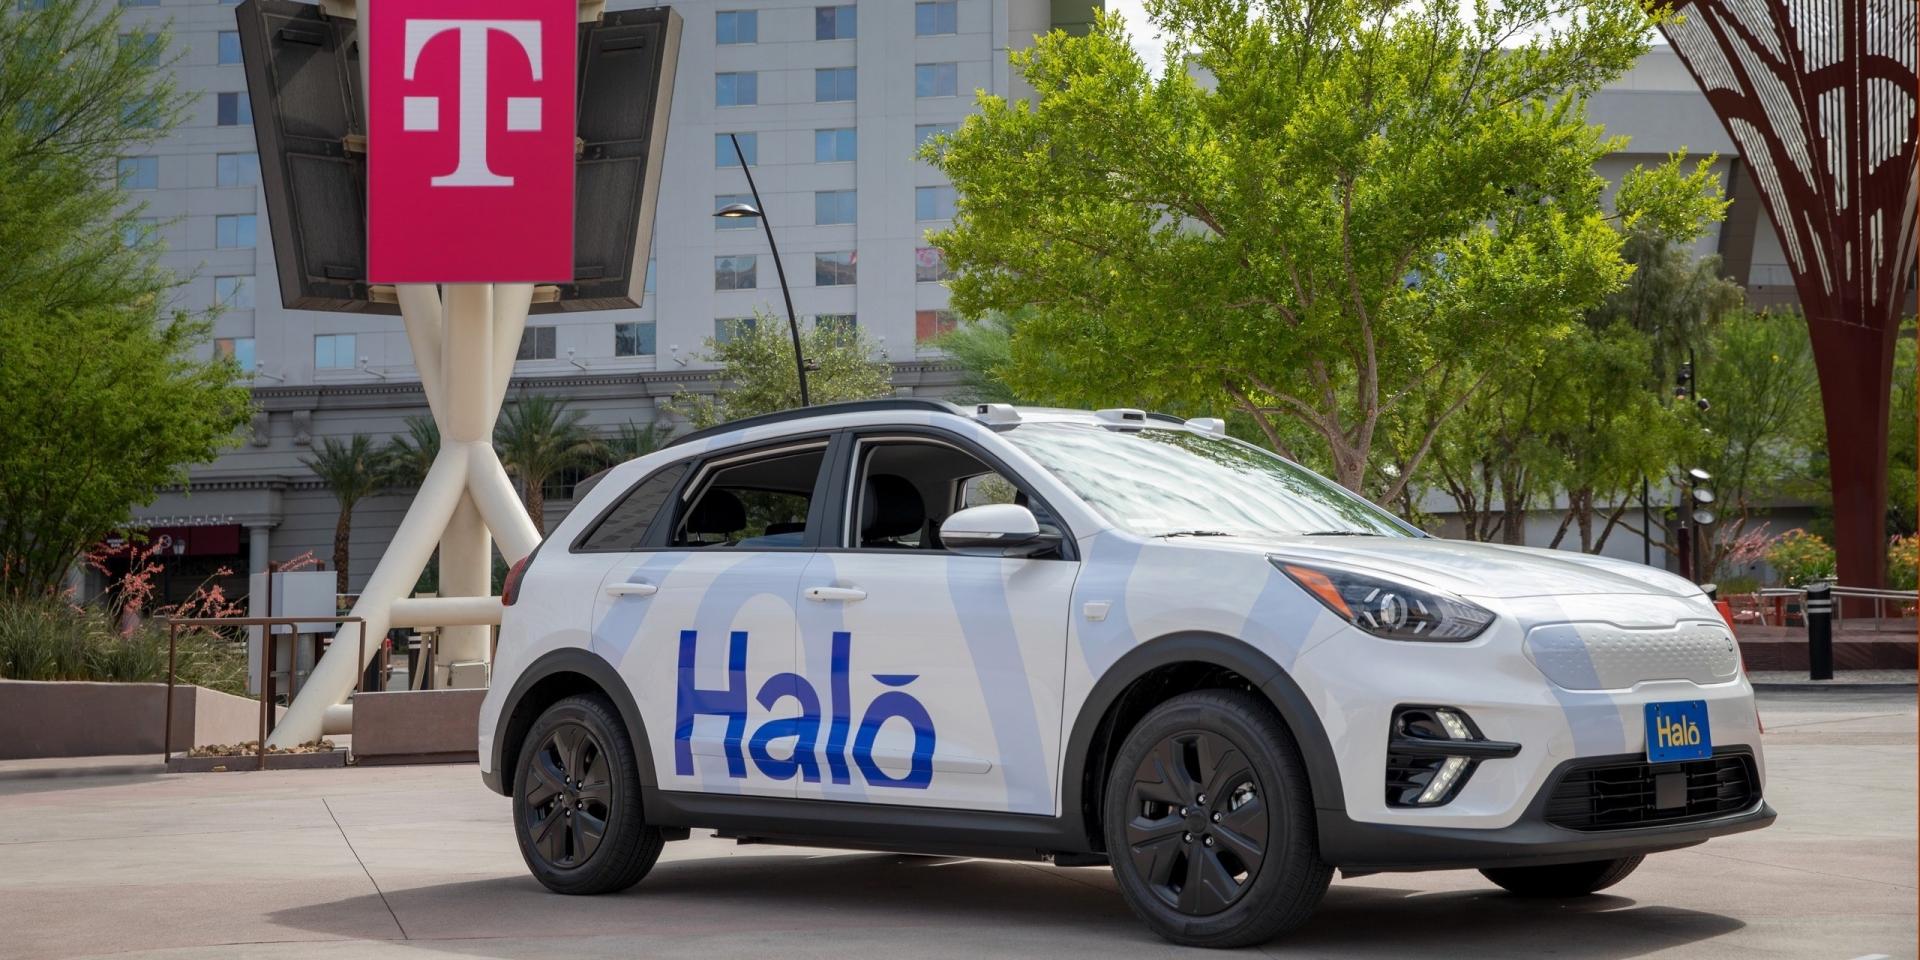 無人駕駛搖控車現身賭城!Halo與T-Mobile聯手打造移動新模式!